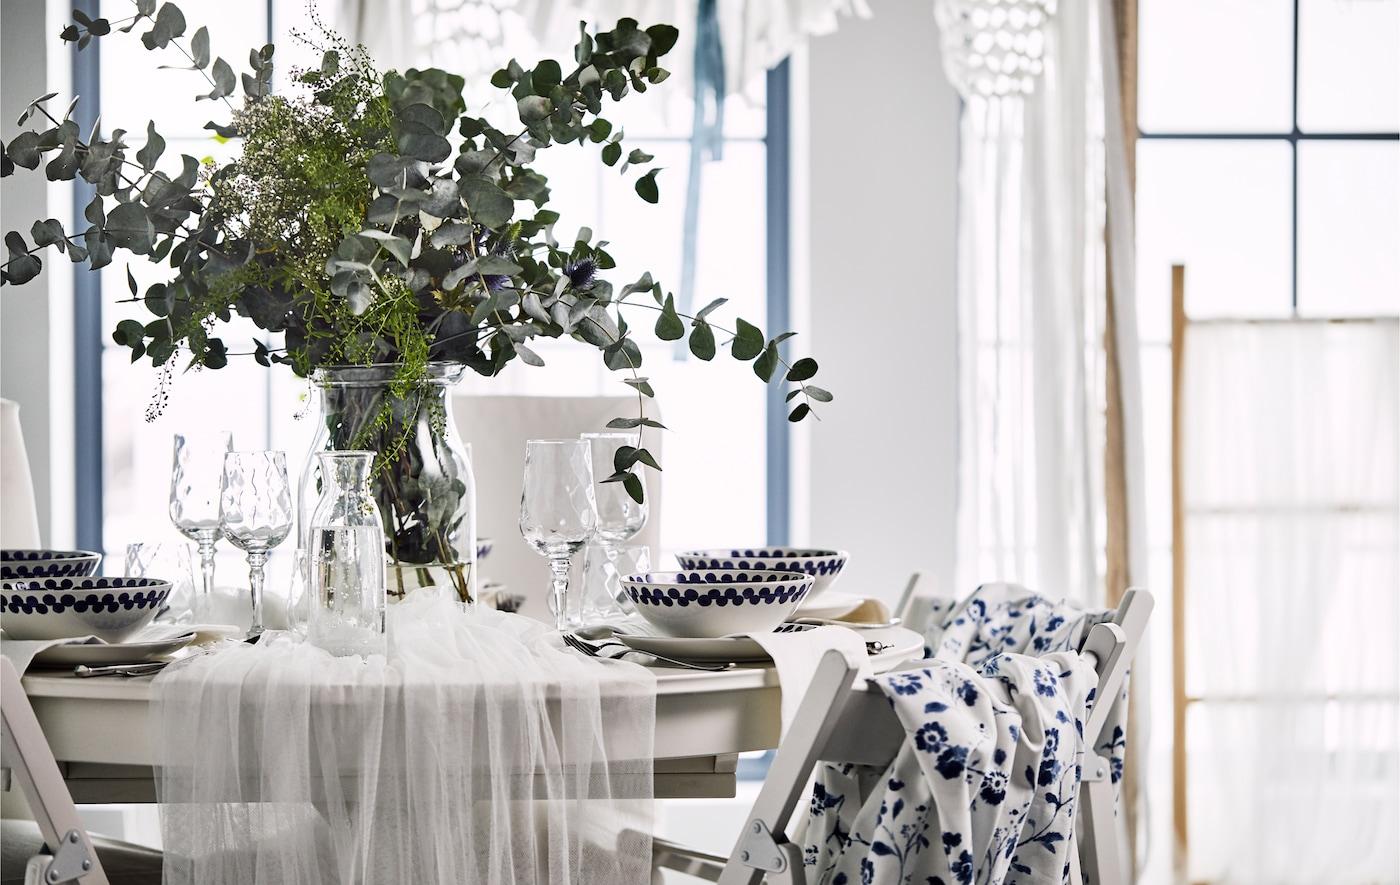 Une décoration de table romantique avec du tulle drapé autour d'une table ronde sur laquelle est posé un vase contenant des fleurs sauvages et des feuilles d'eucalyptus.